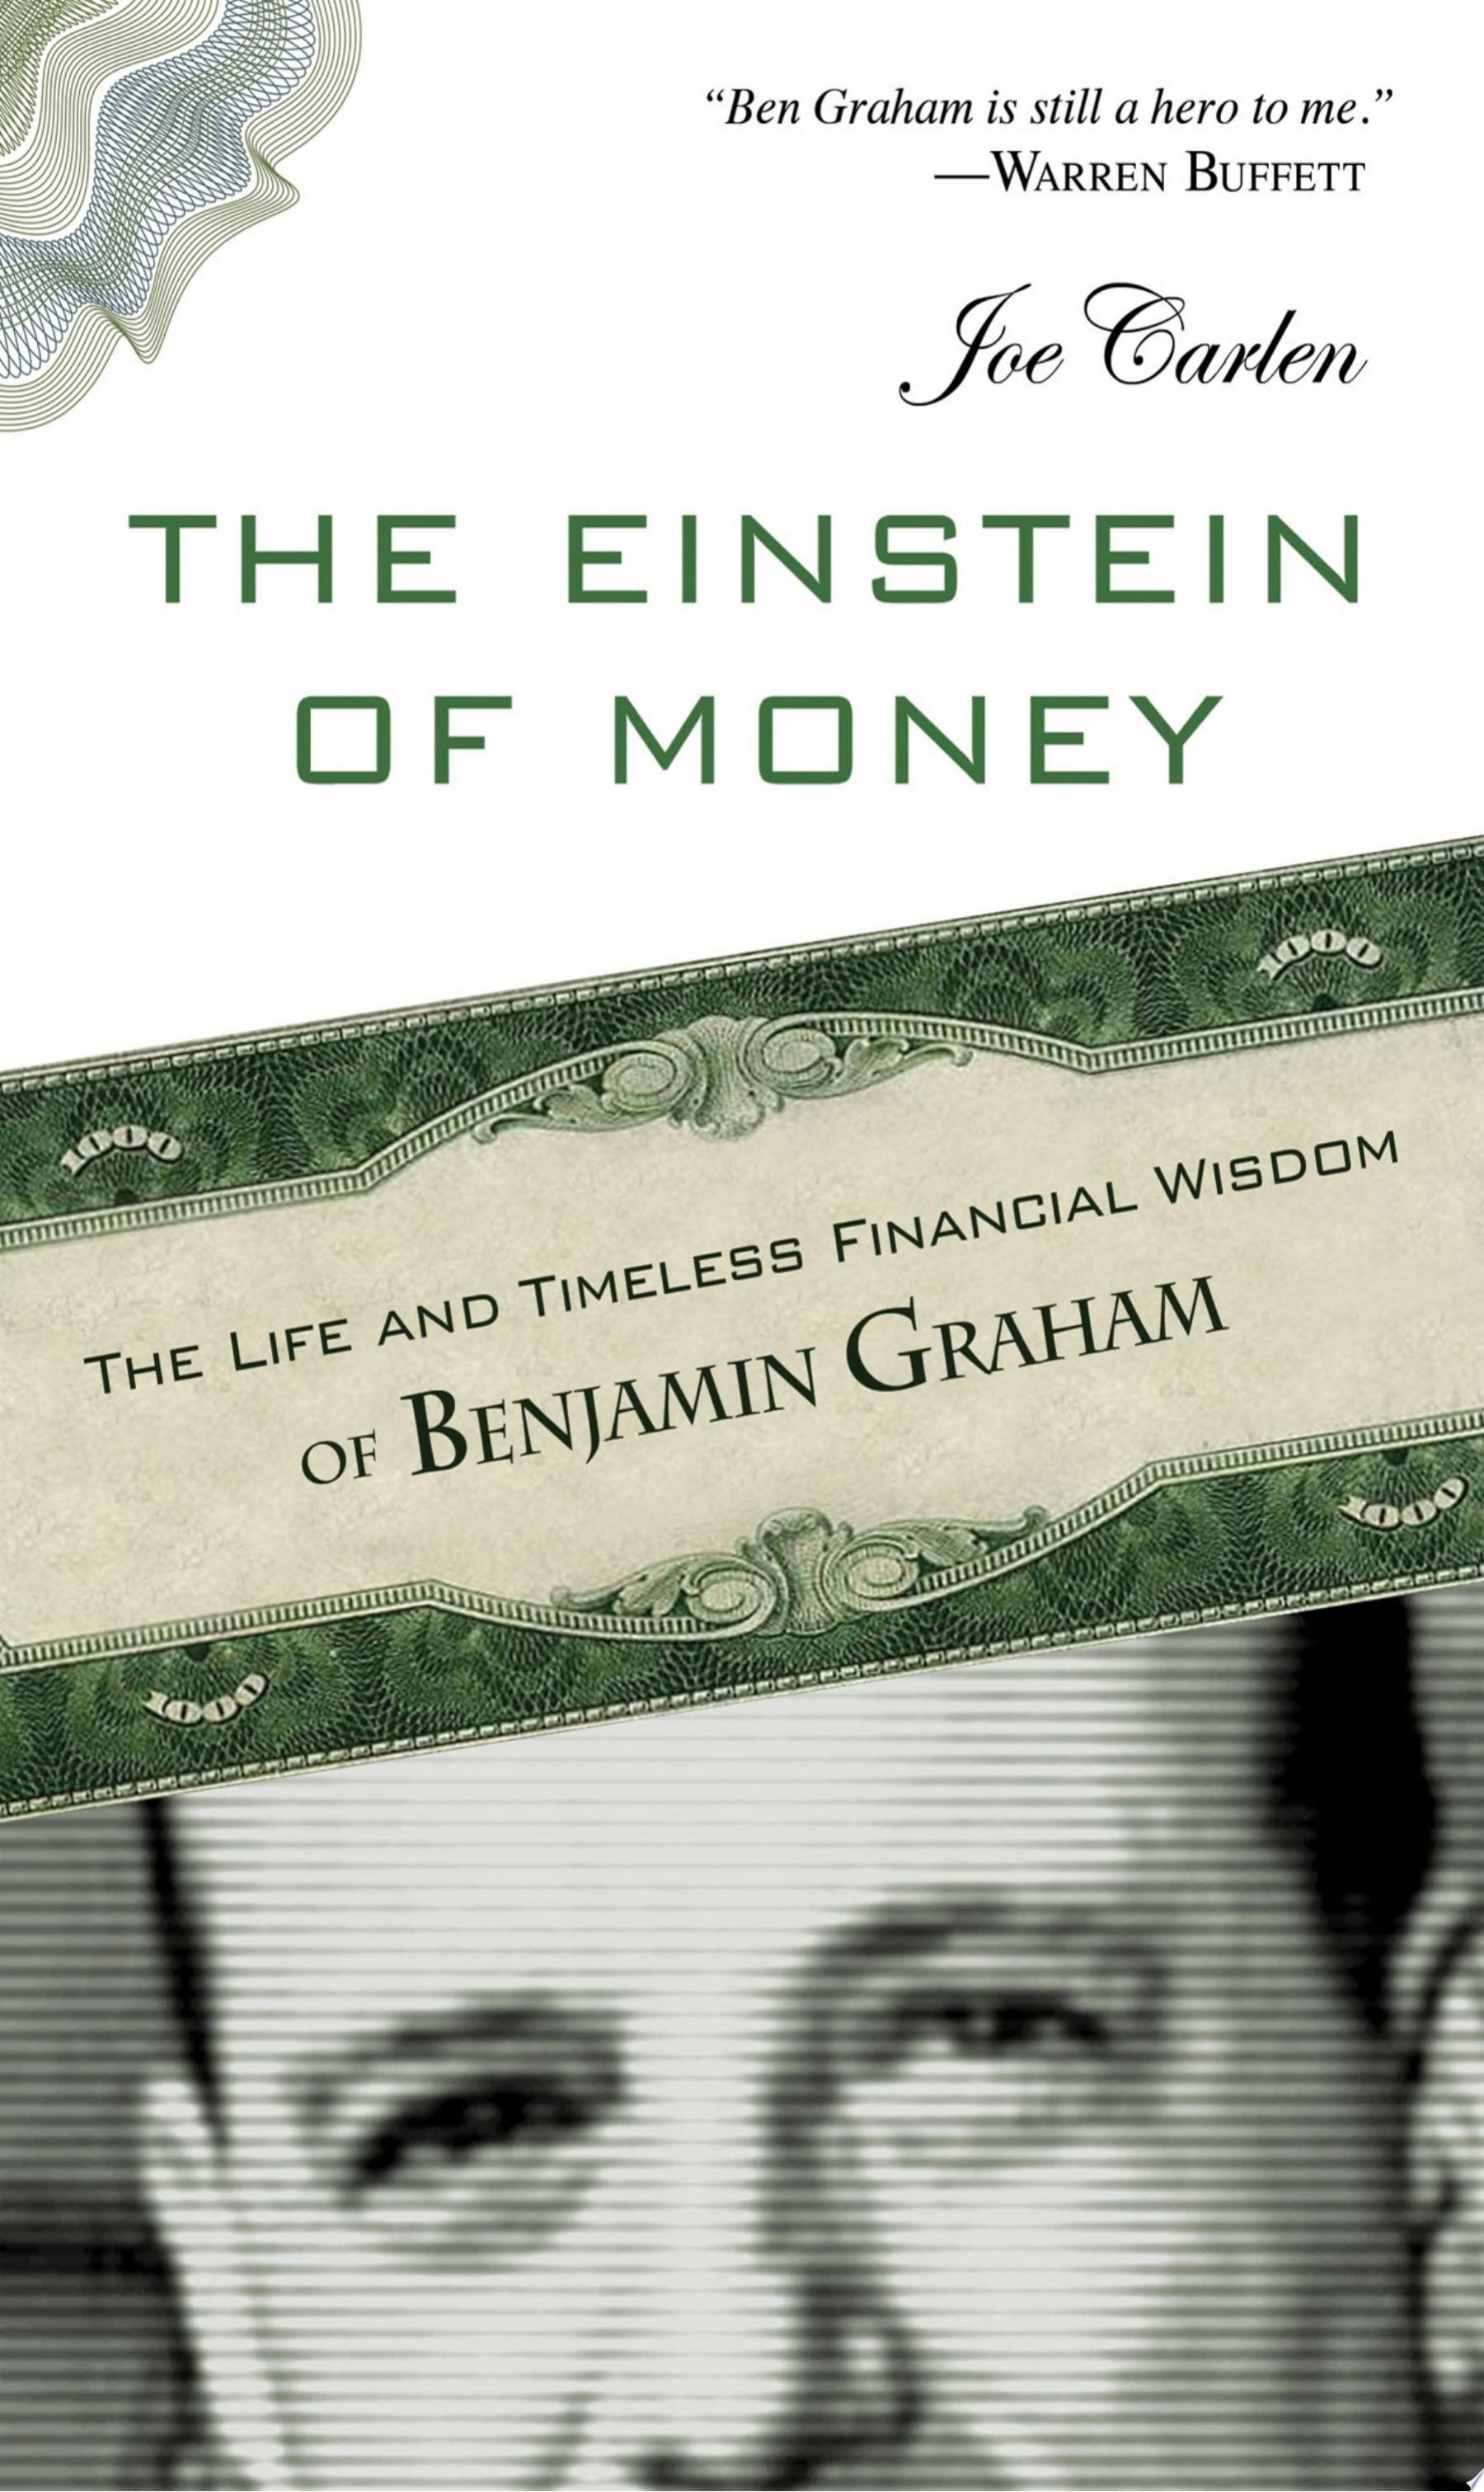 The Einstein of Money